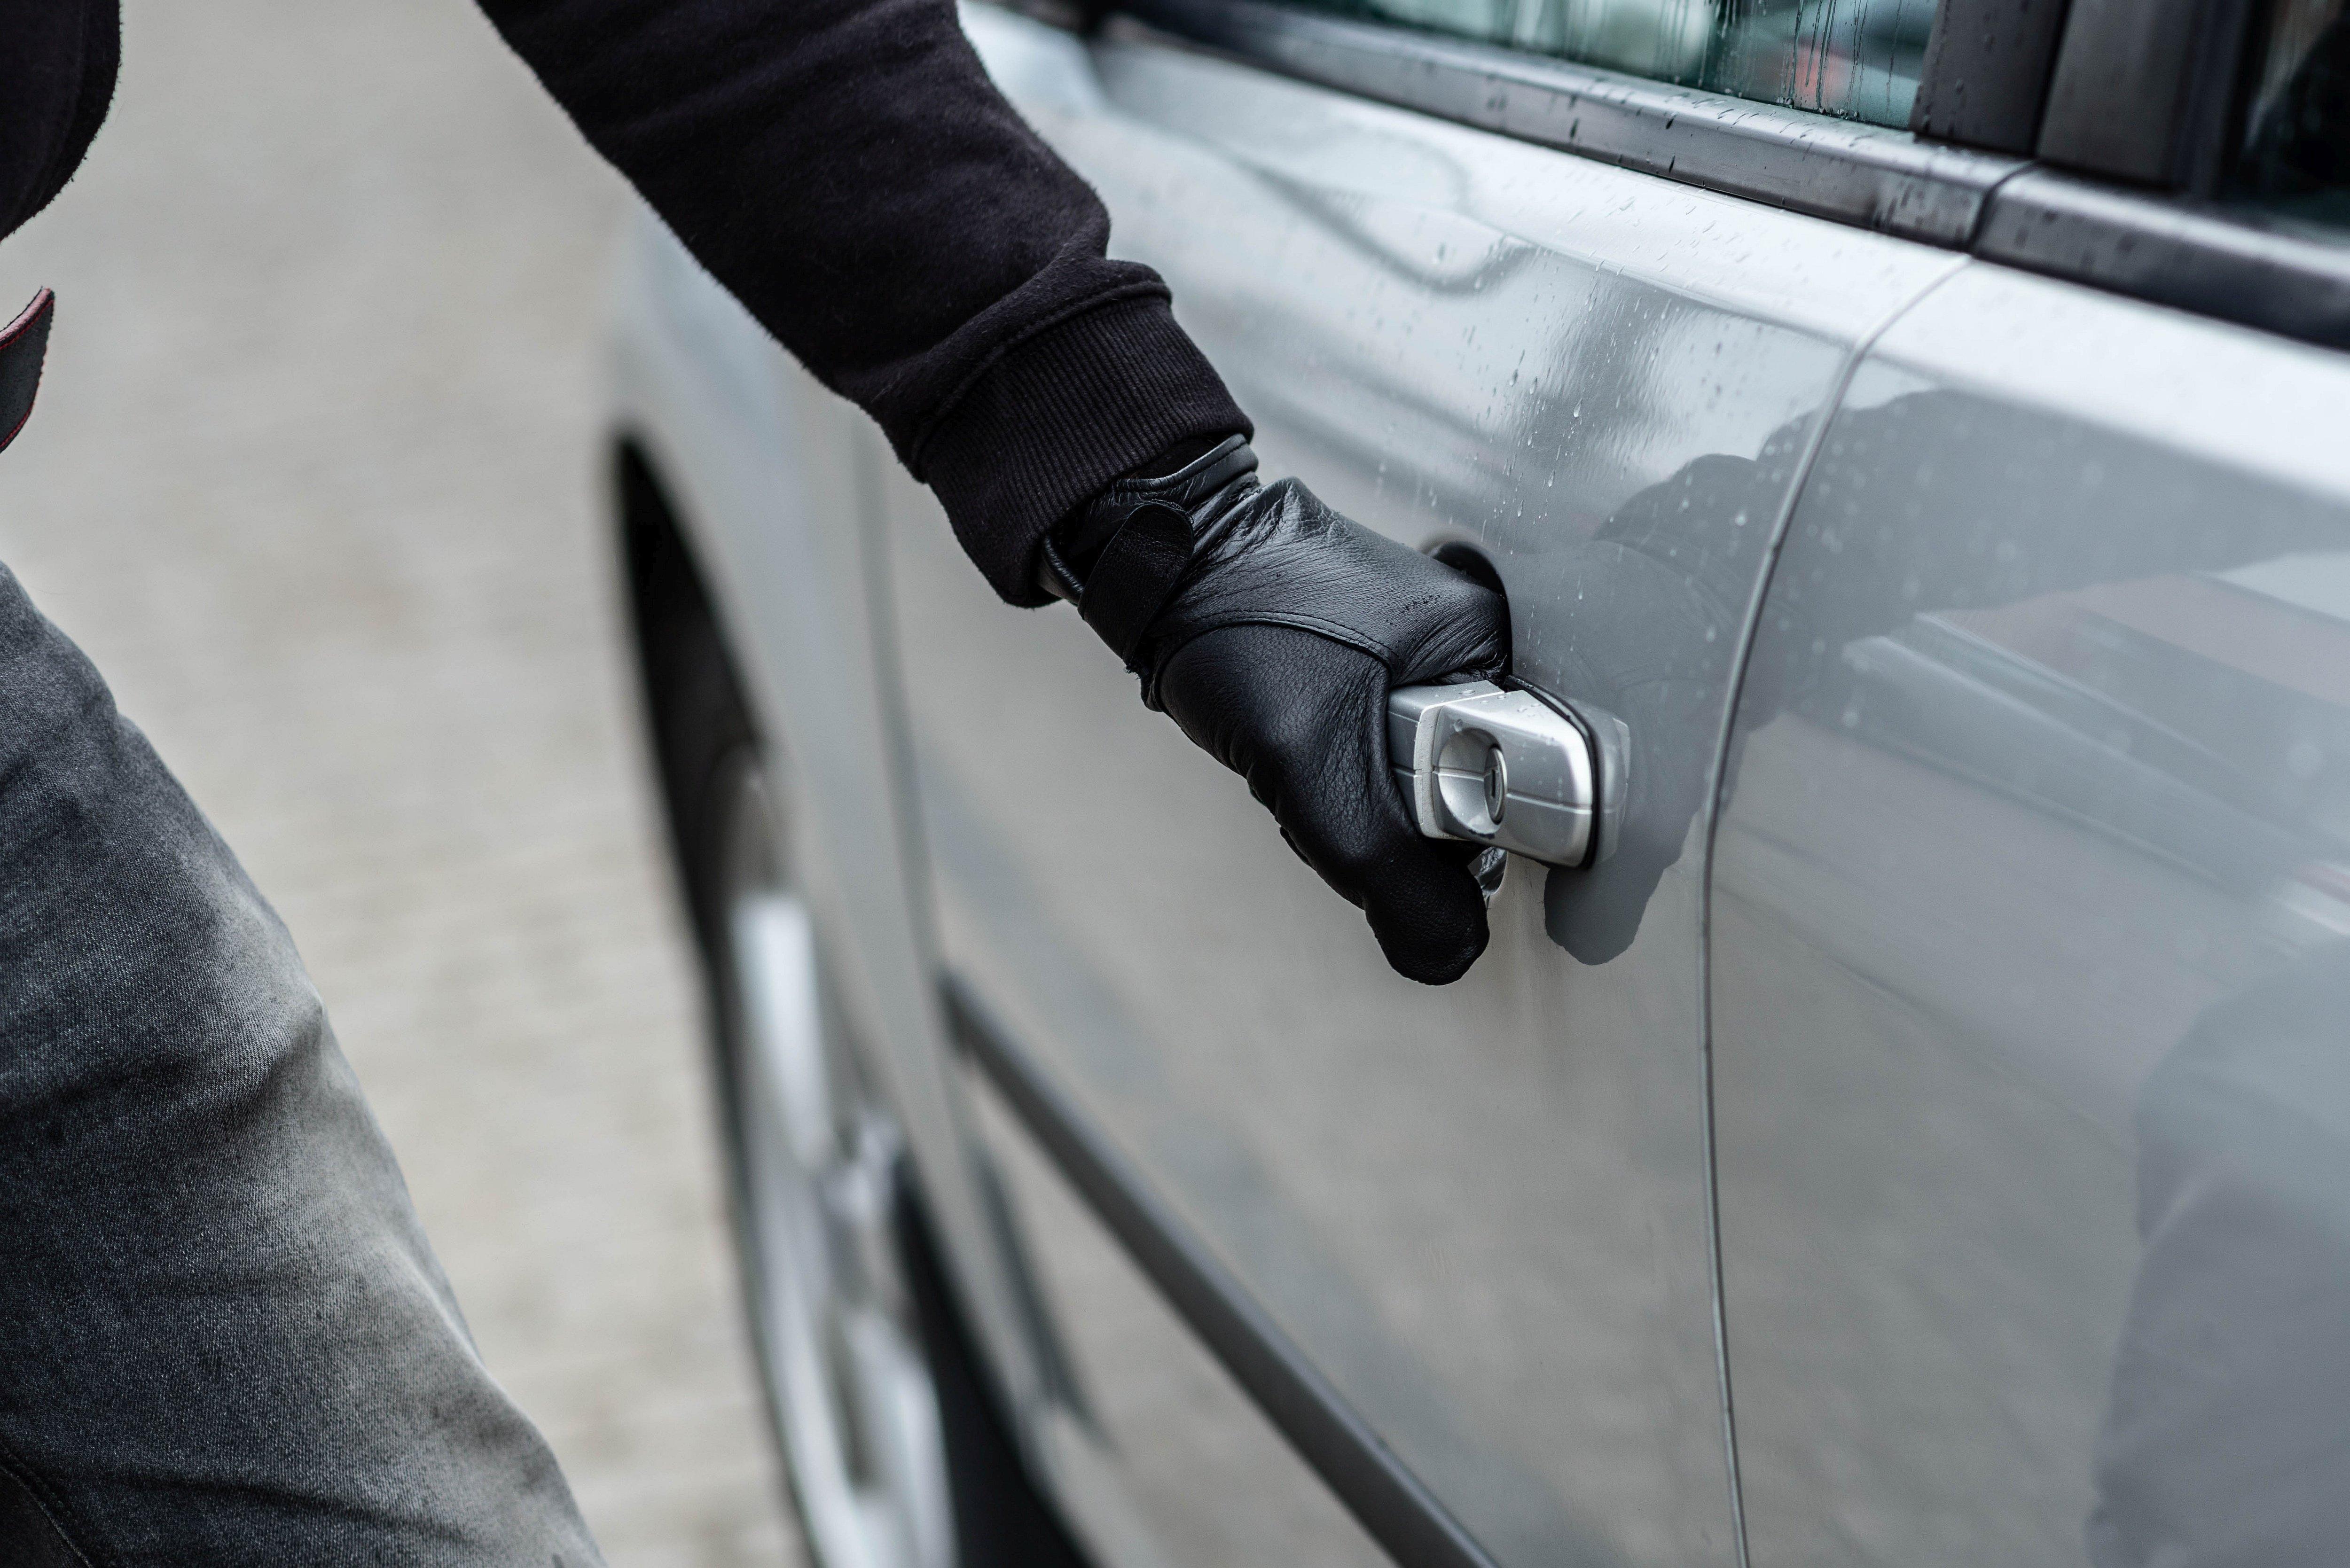 Krádeže aut se týkají všech značek. Před zloději není v bezpečí žádný vůz